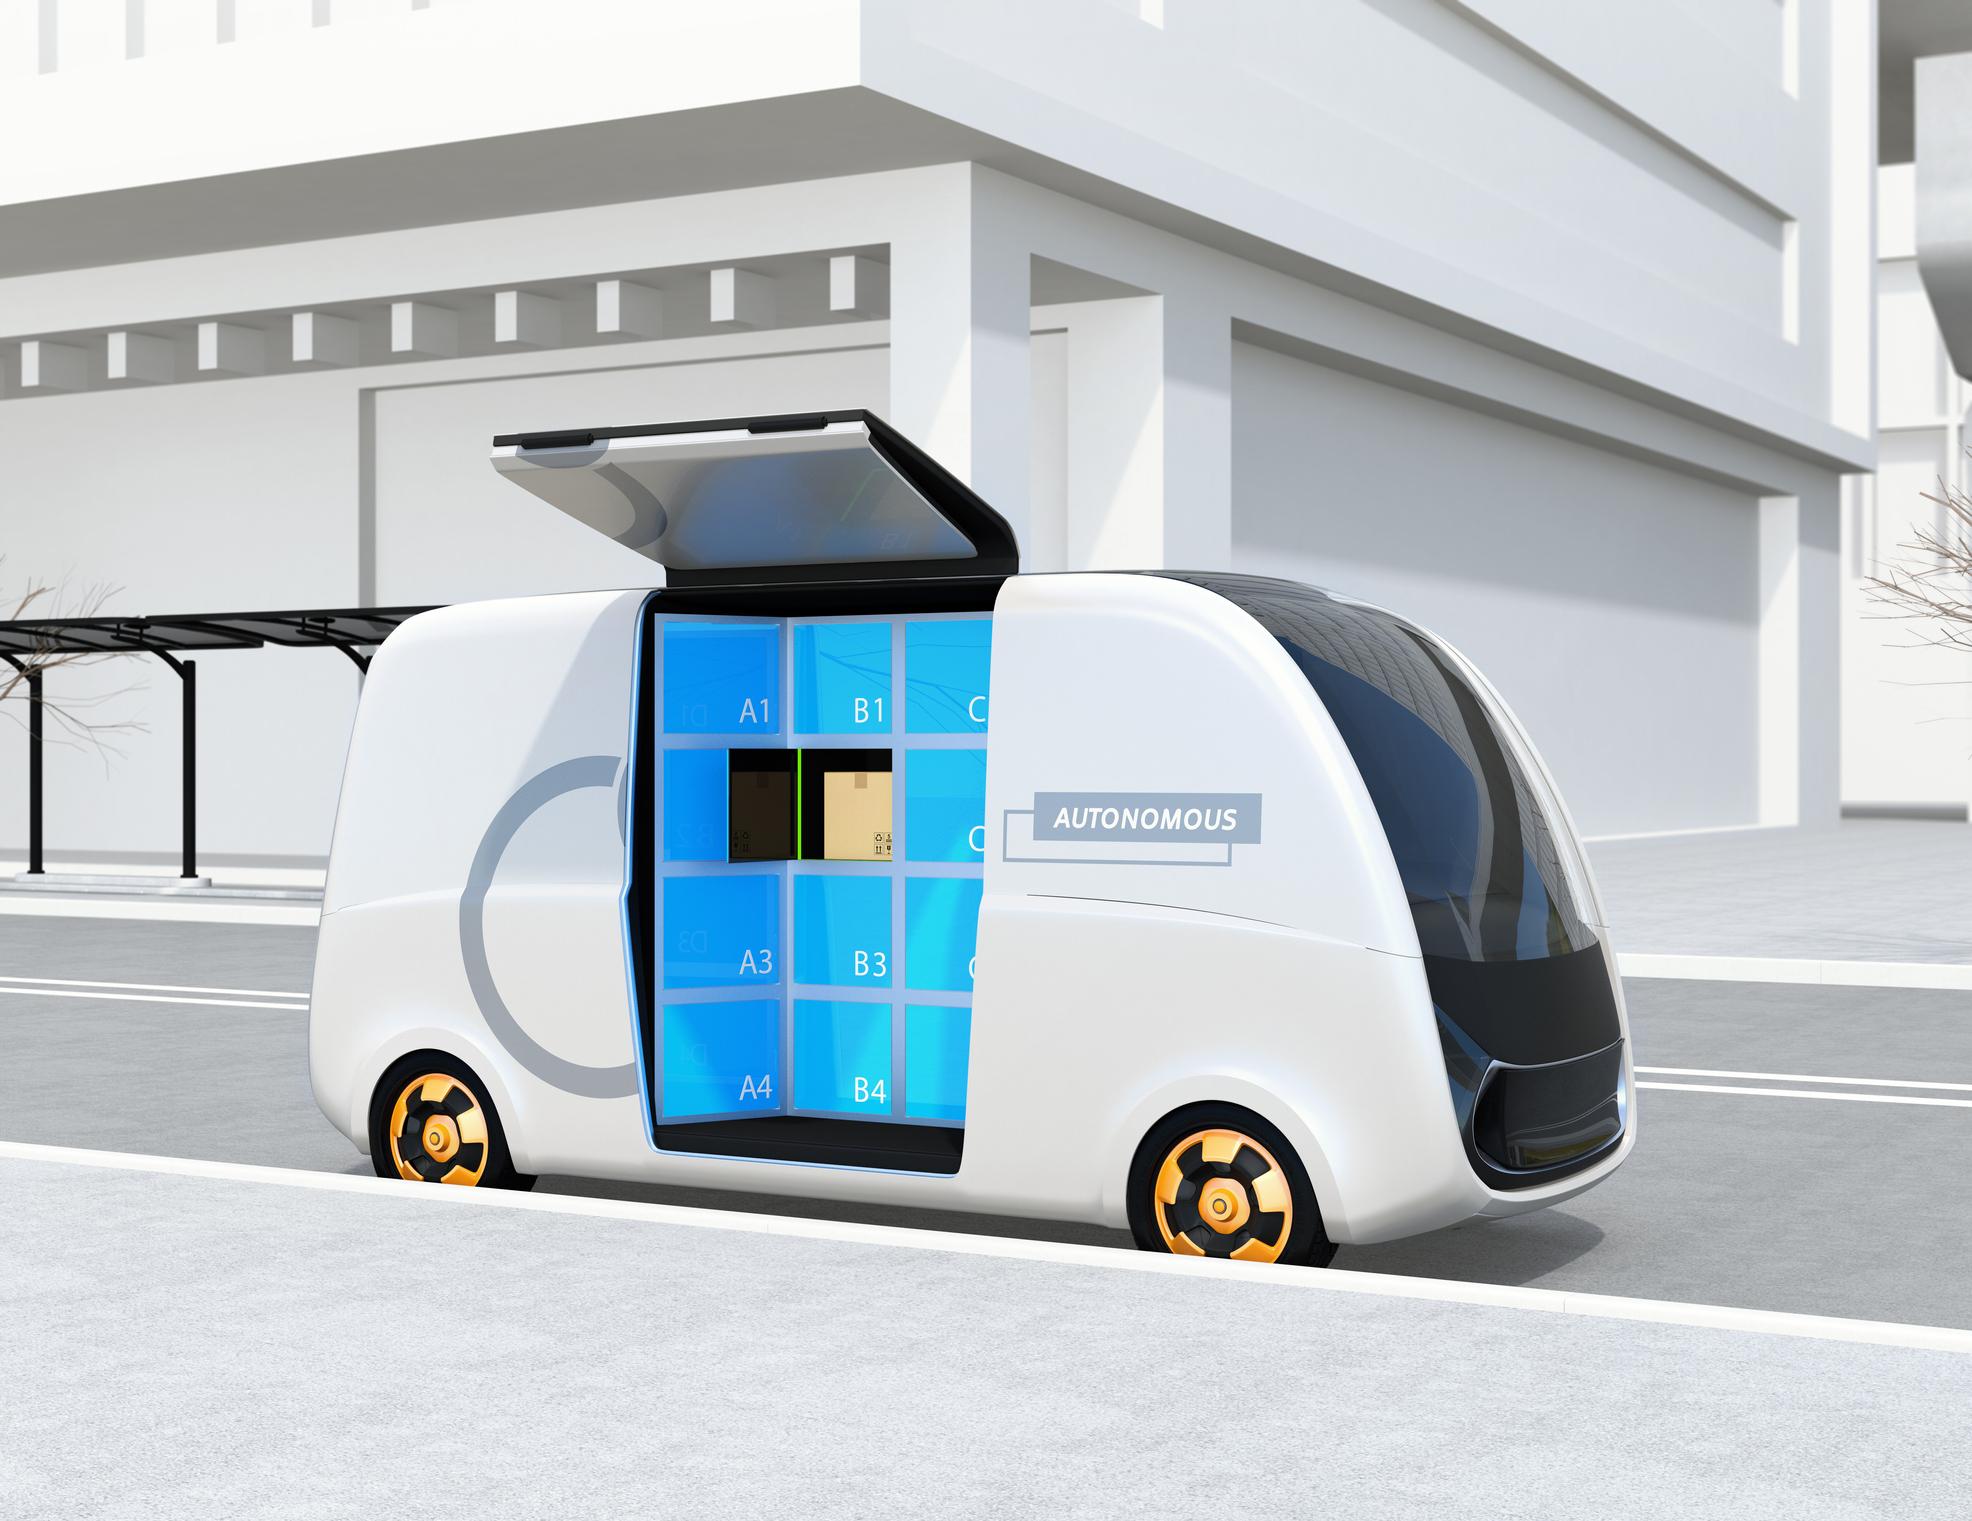 Concept art for an autonomous delivery van.